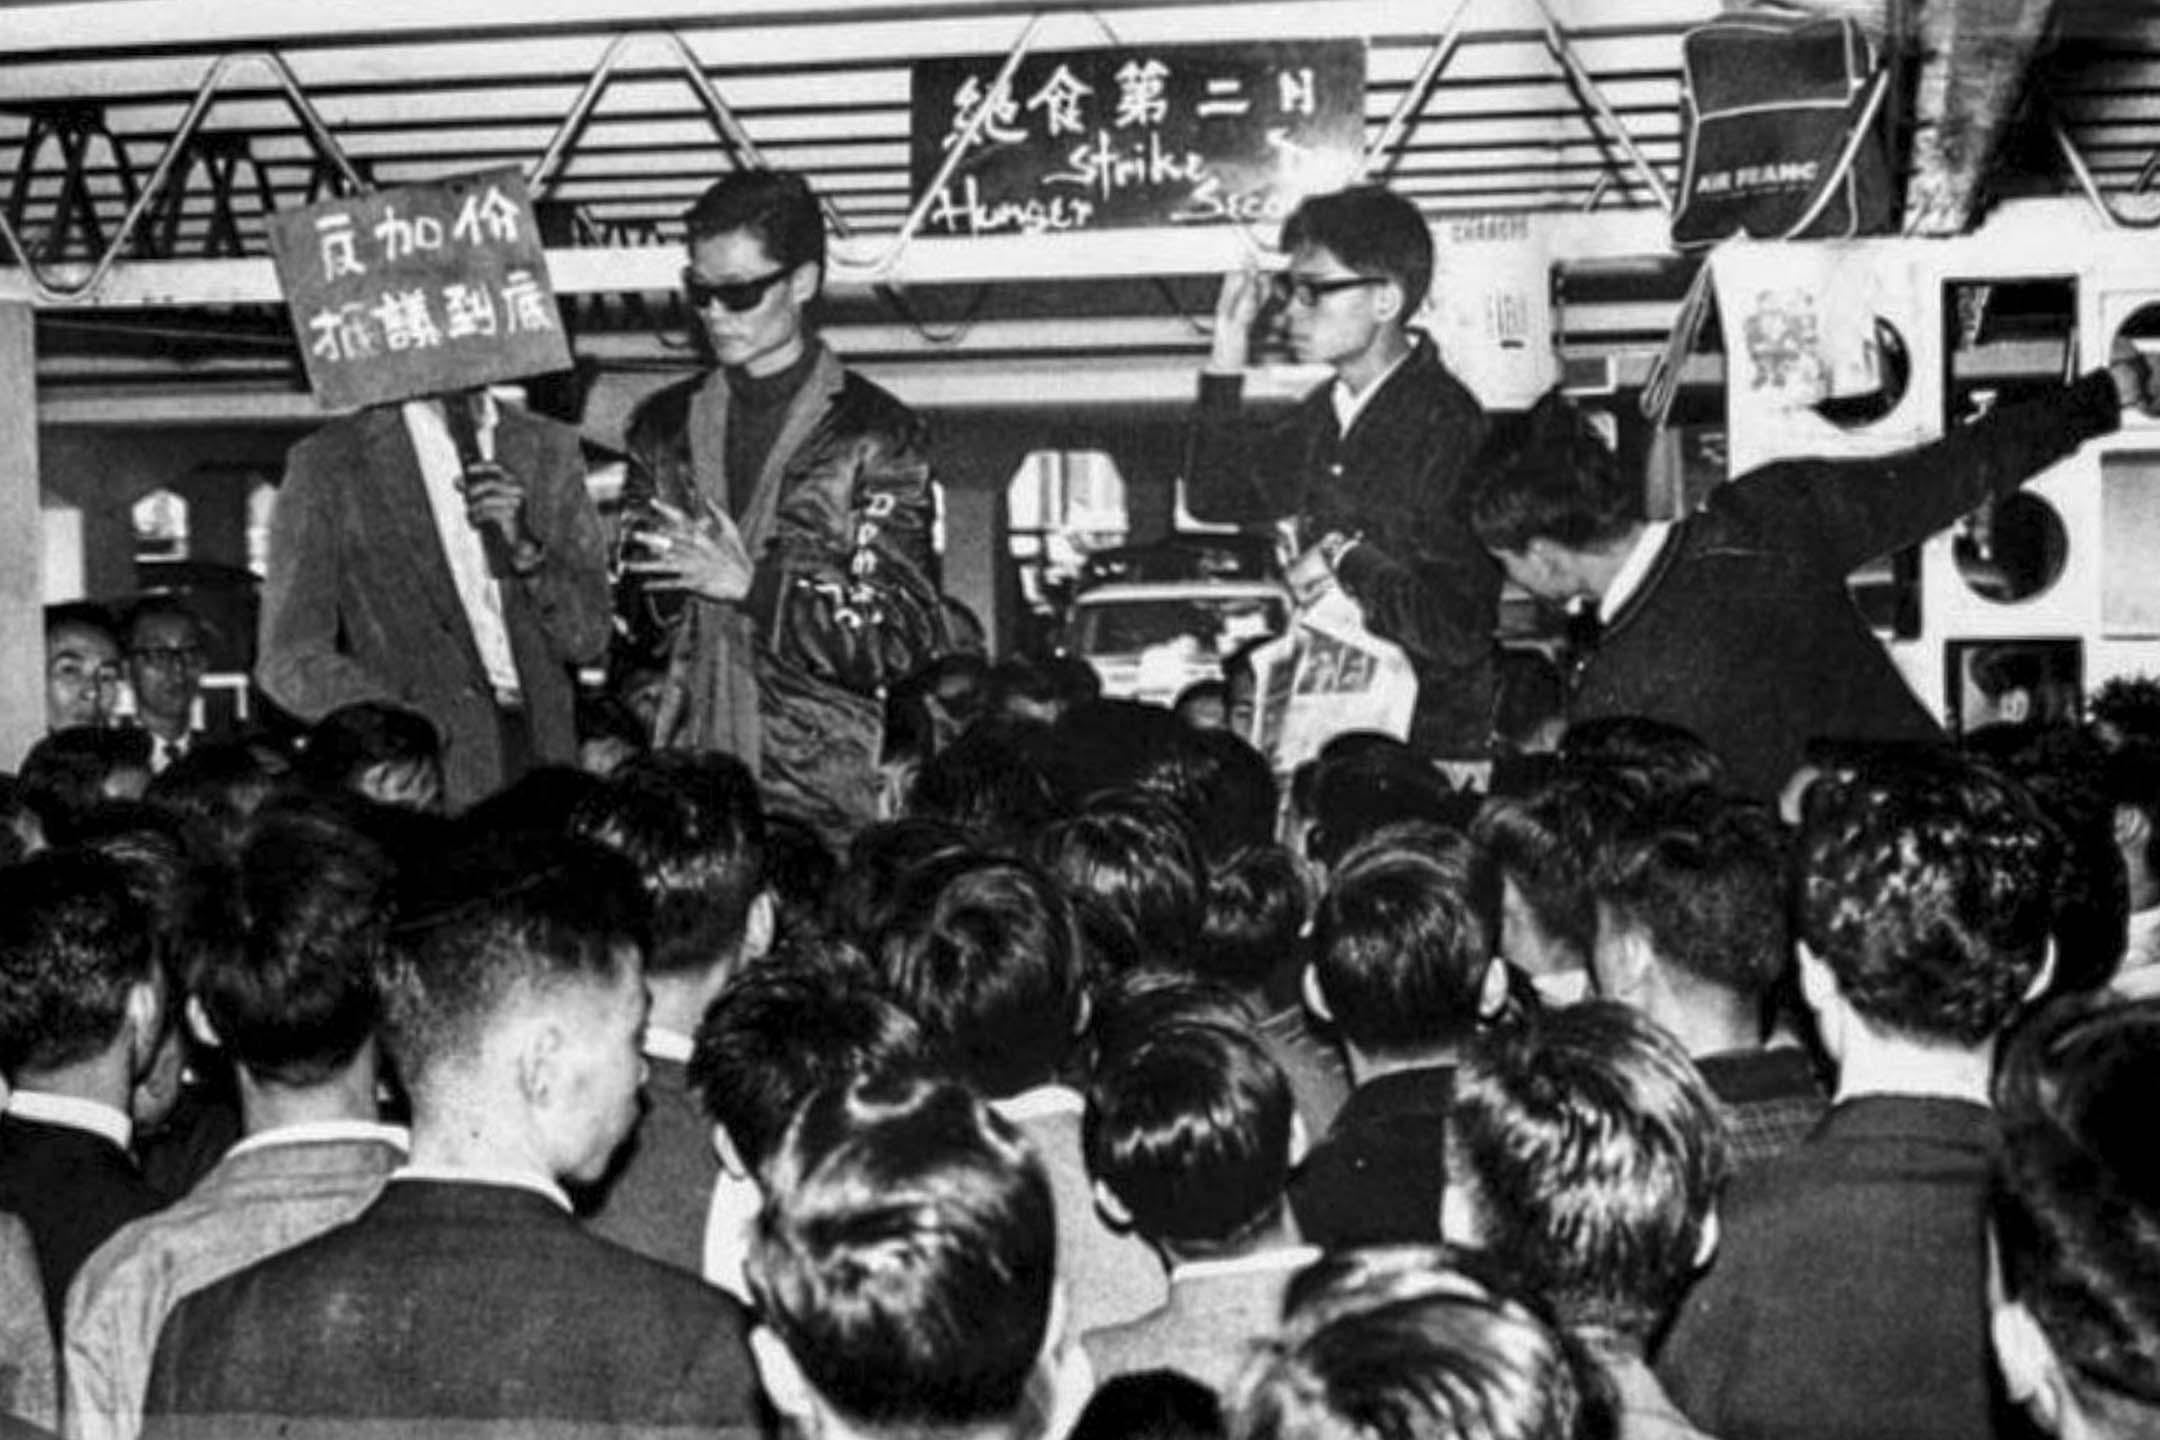 1966 年,蘇守忠在天星碼頭絕食,抗議天星小輪加價,最後演變成九龍騷亂。 網上圖片